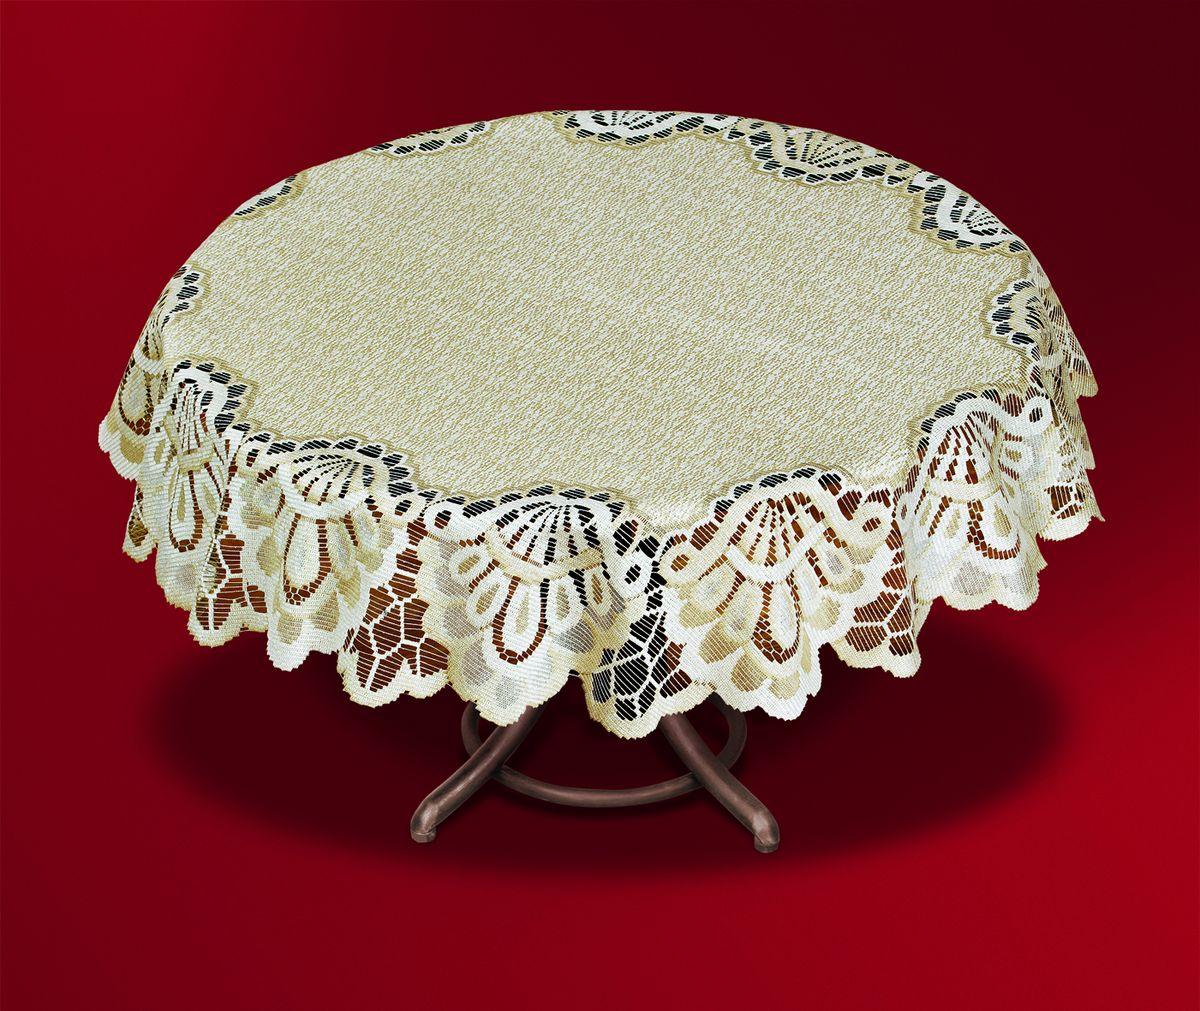 Скатерть Haft, цвет: кремовый, золотистый, диаметр 140 см. 46193-140